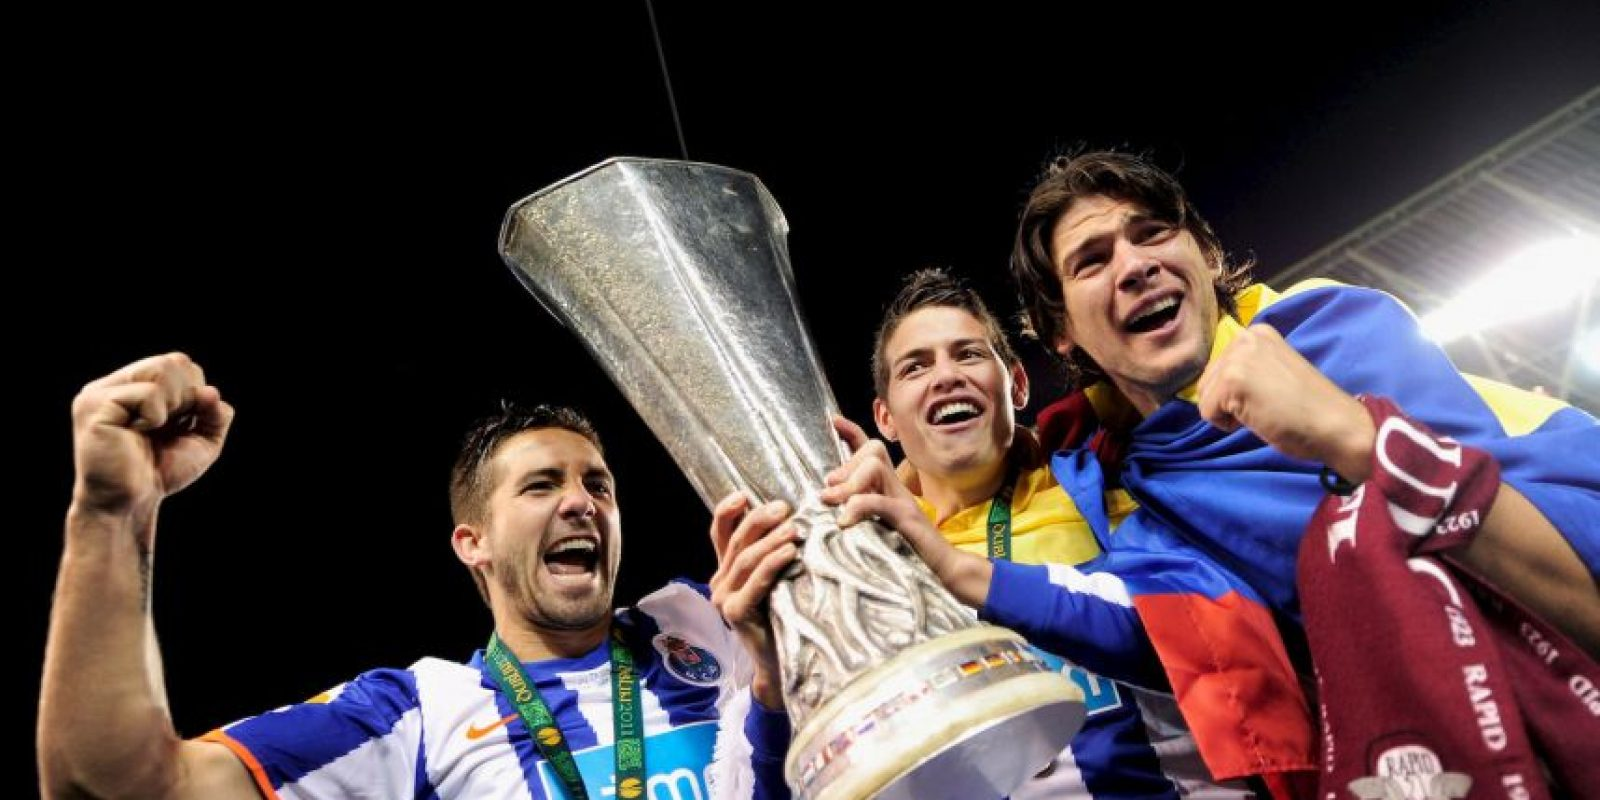 """Con los """"Dragones"""" disputó 107 encuentros y marcó 32 goles. Aquí ganó tres Ligas, tres Supercopas de Portugal, una Copa de Portugal y una Europa League (foto) Foto:Getty Images"""